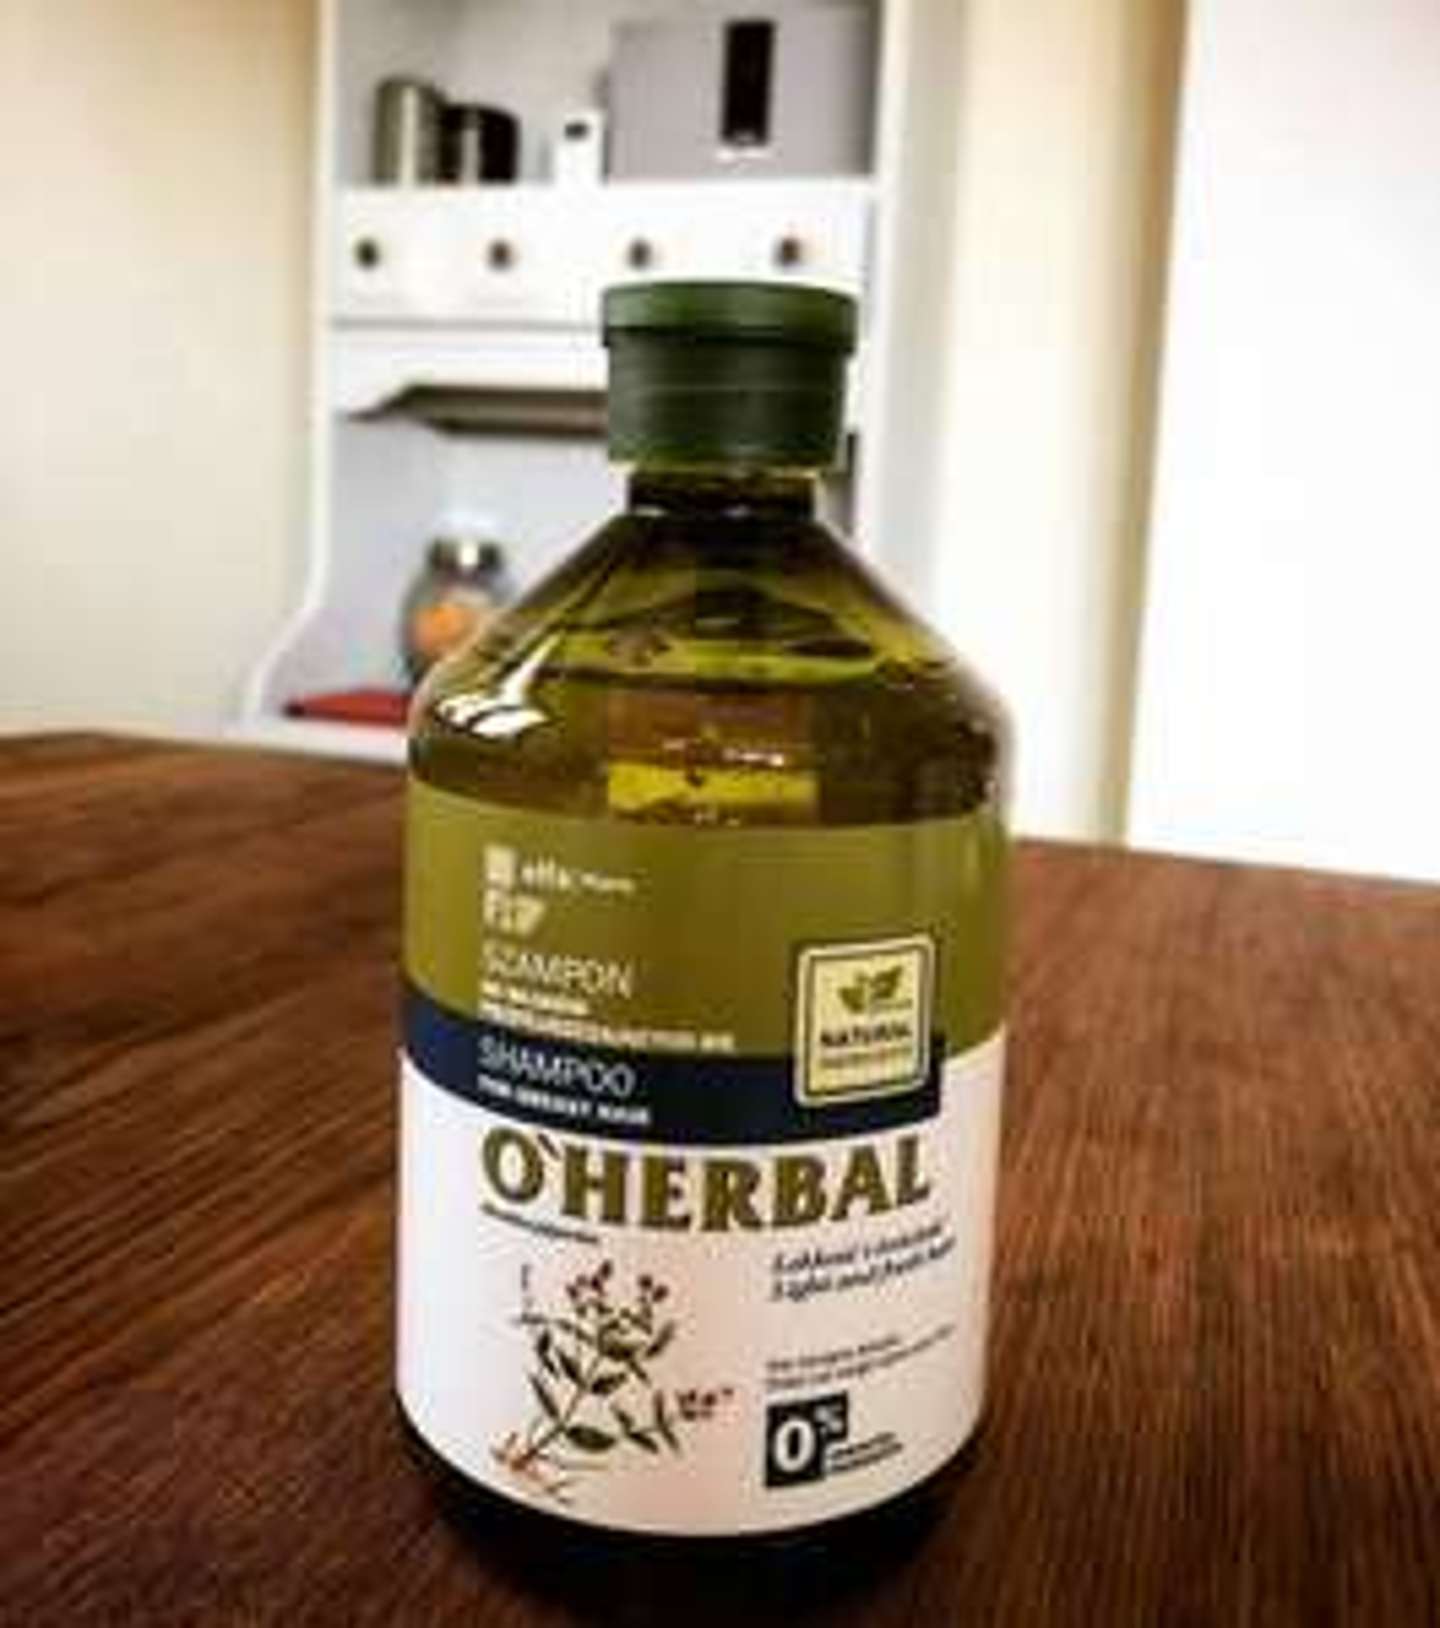 O'HERBAL szampon do włosów przetłuszczających się, z ekstraktem z mięty